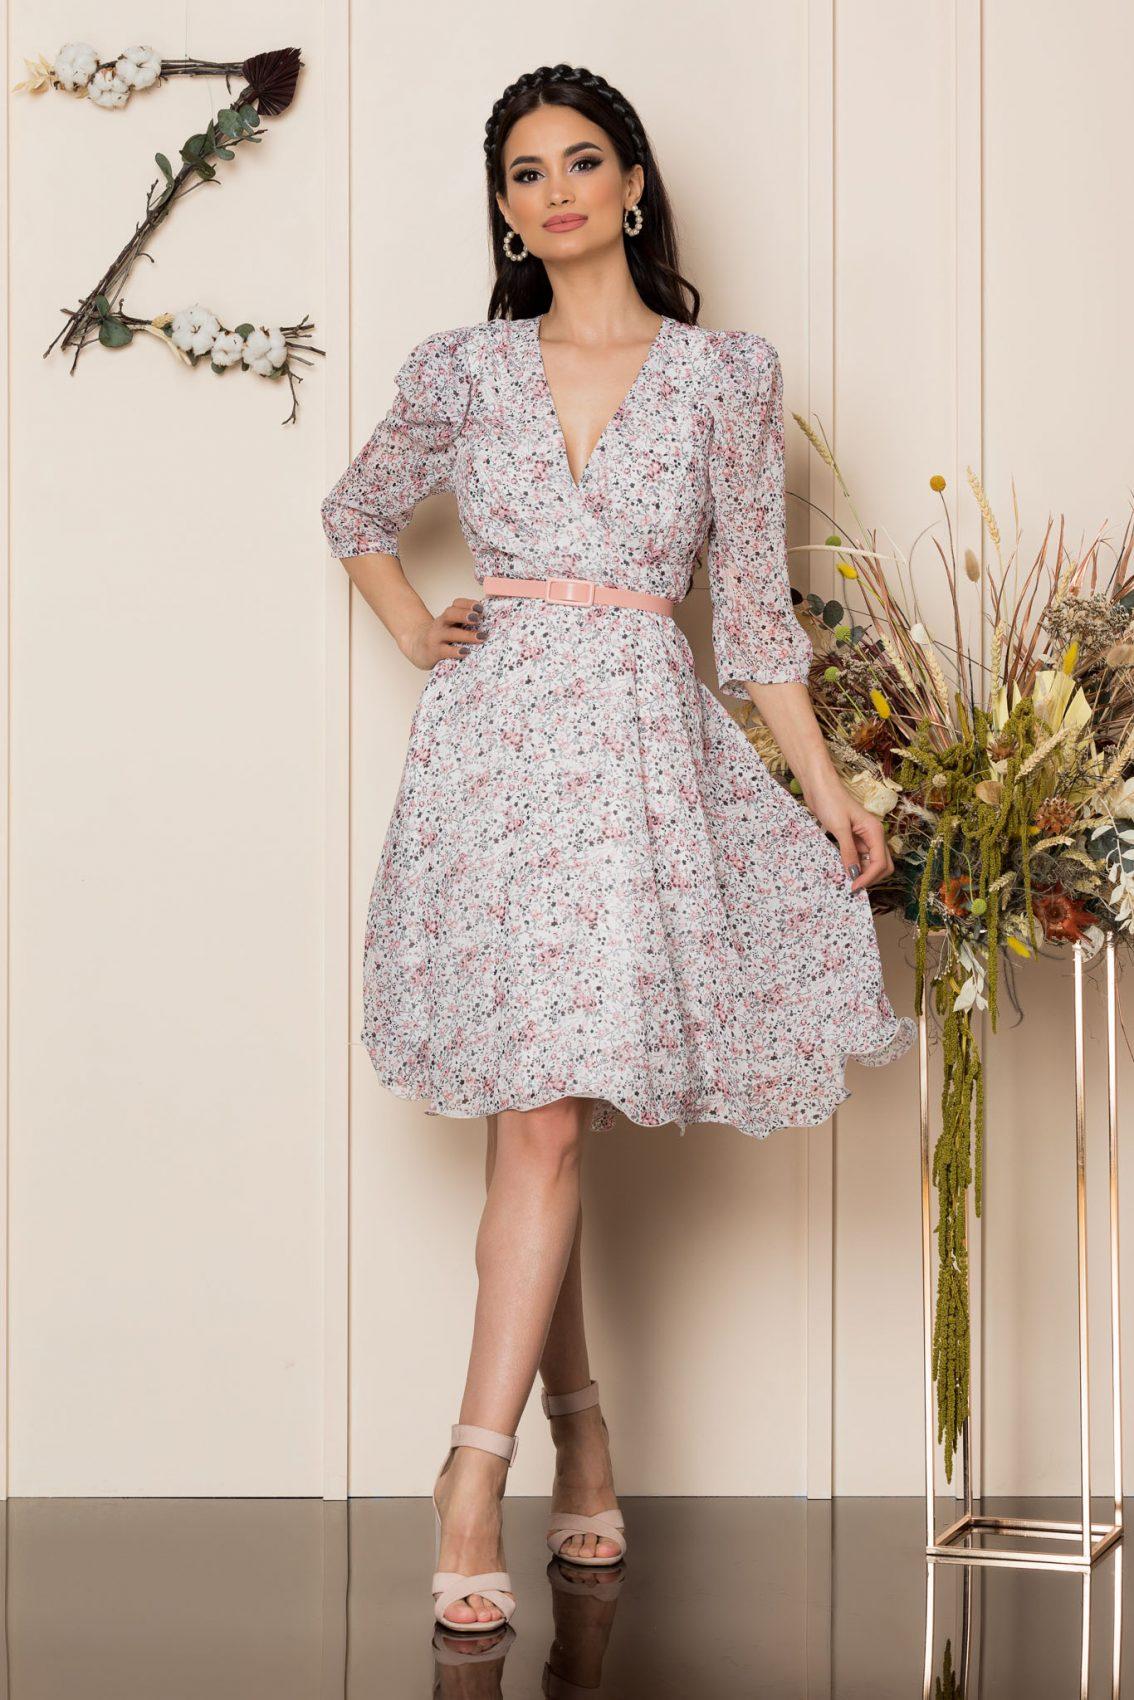 Φλοράλ Κρουαζέ Φόρεμα Με Ροζ Ζώνη Magda A254 3